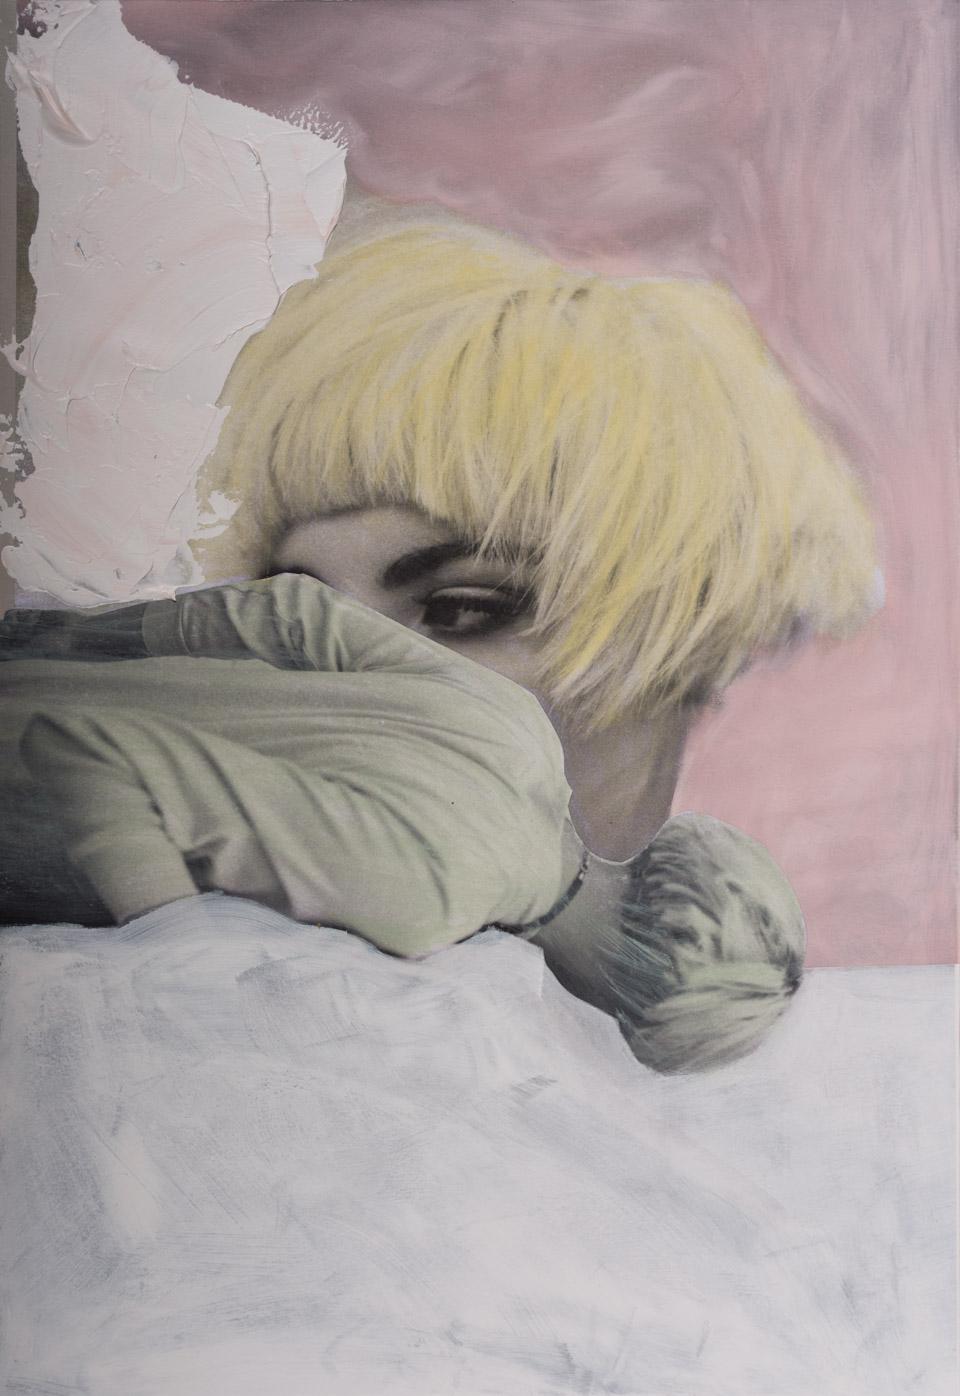 painted_woman6.jpg